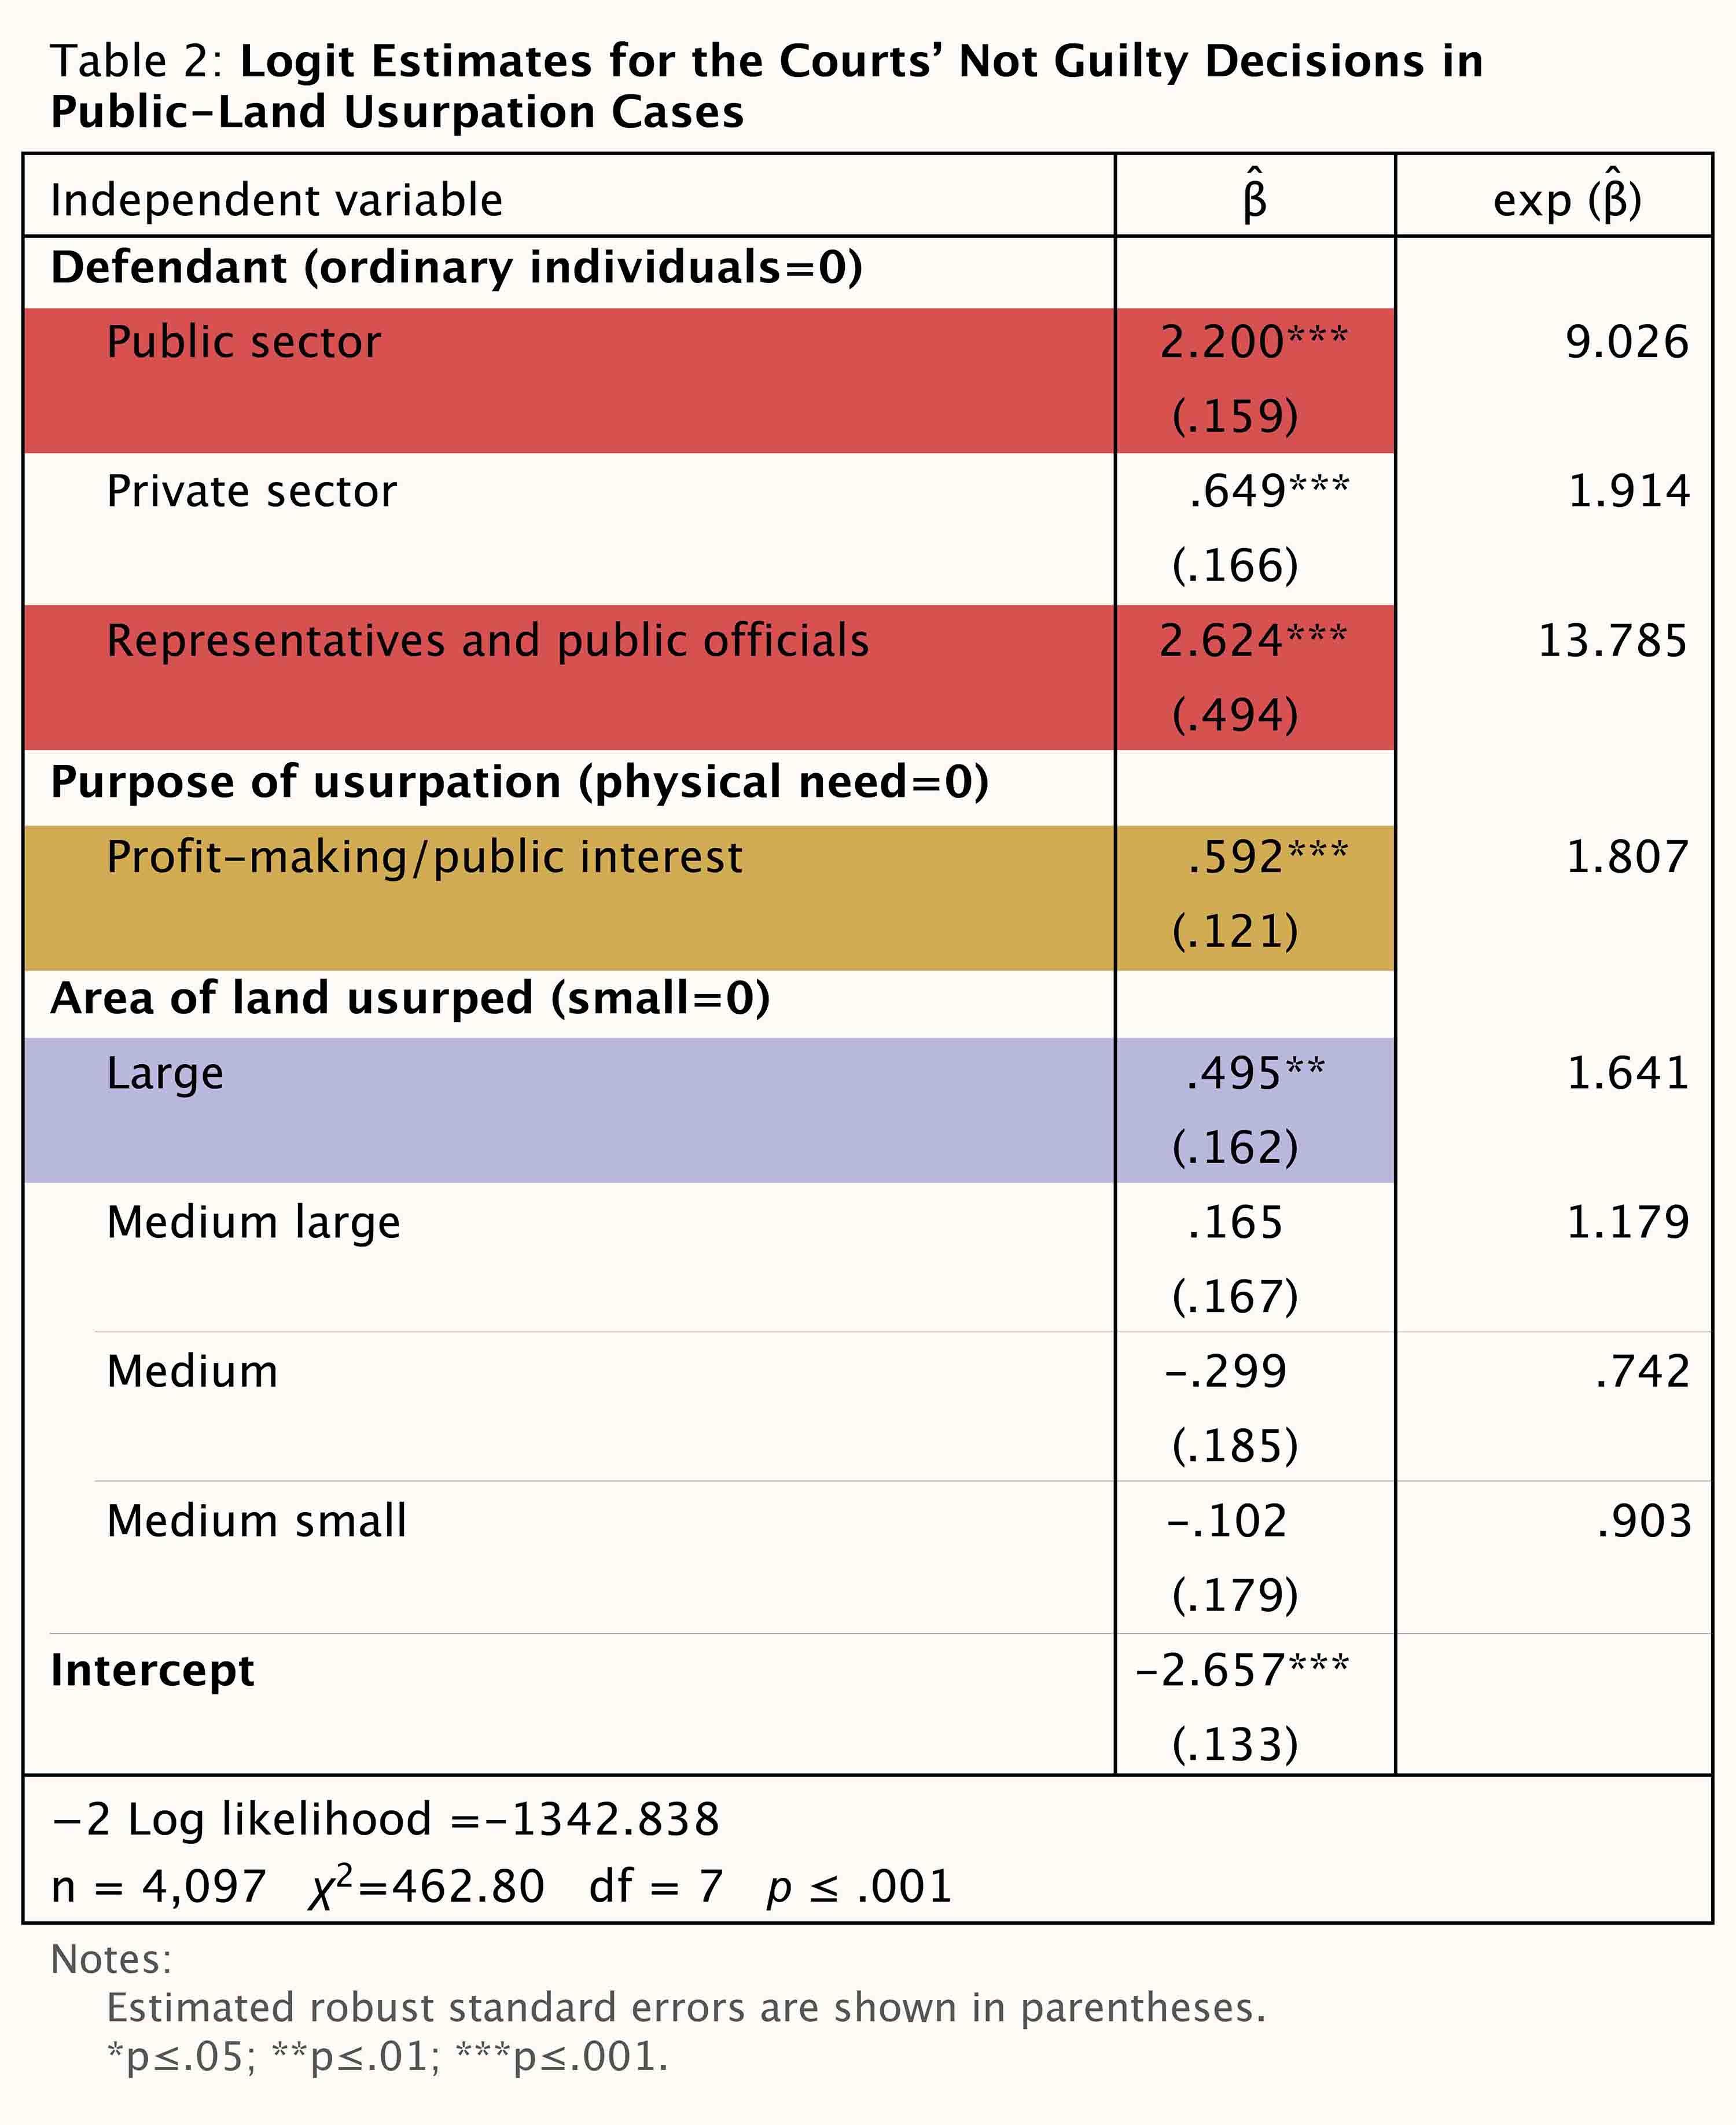 根據統計模型分析,公部門/民意代表/政府官員(紅框處)、侵占目的為營利(黃框處)、侵占大面積土地(紫框處),相較於小老百姓和為了棲身的被告,更容易被判無罪。 資料來源│Do the 'Haves' Come Out Ahead? Resource Disparity in Public-Land Usurpation Litigation in Taiwan.